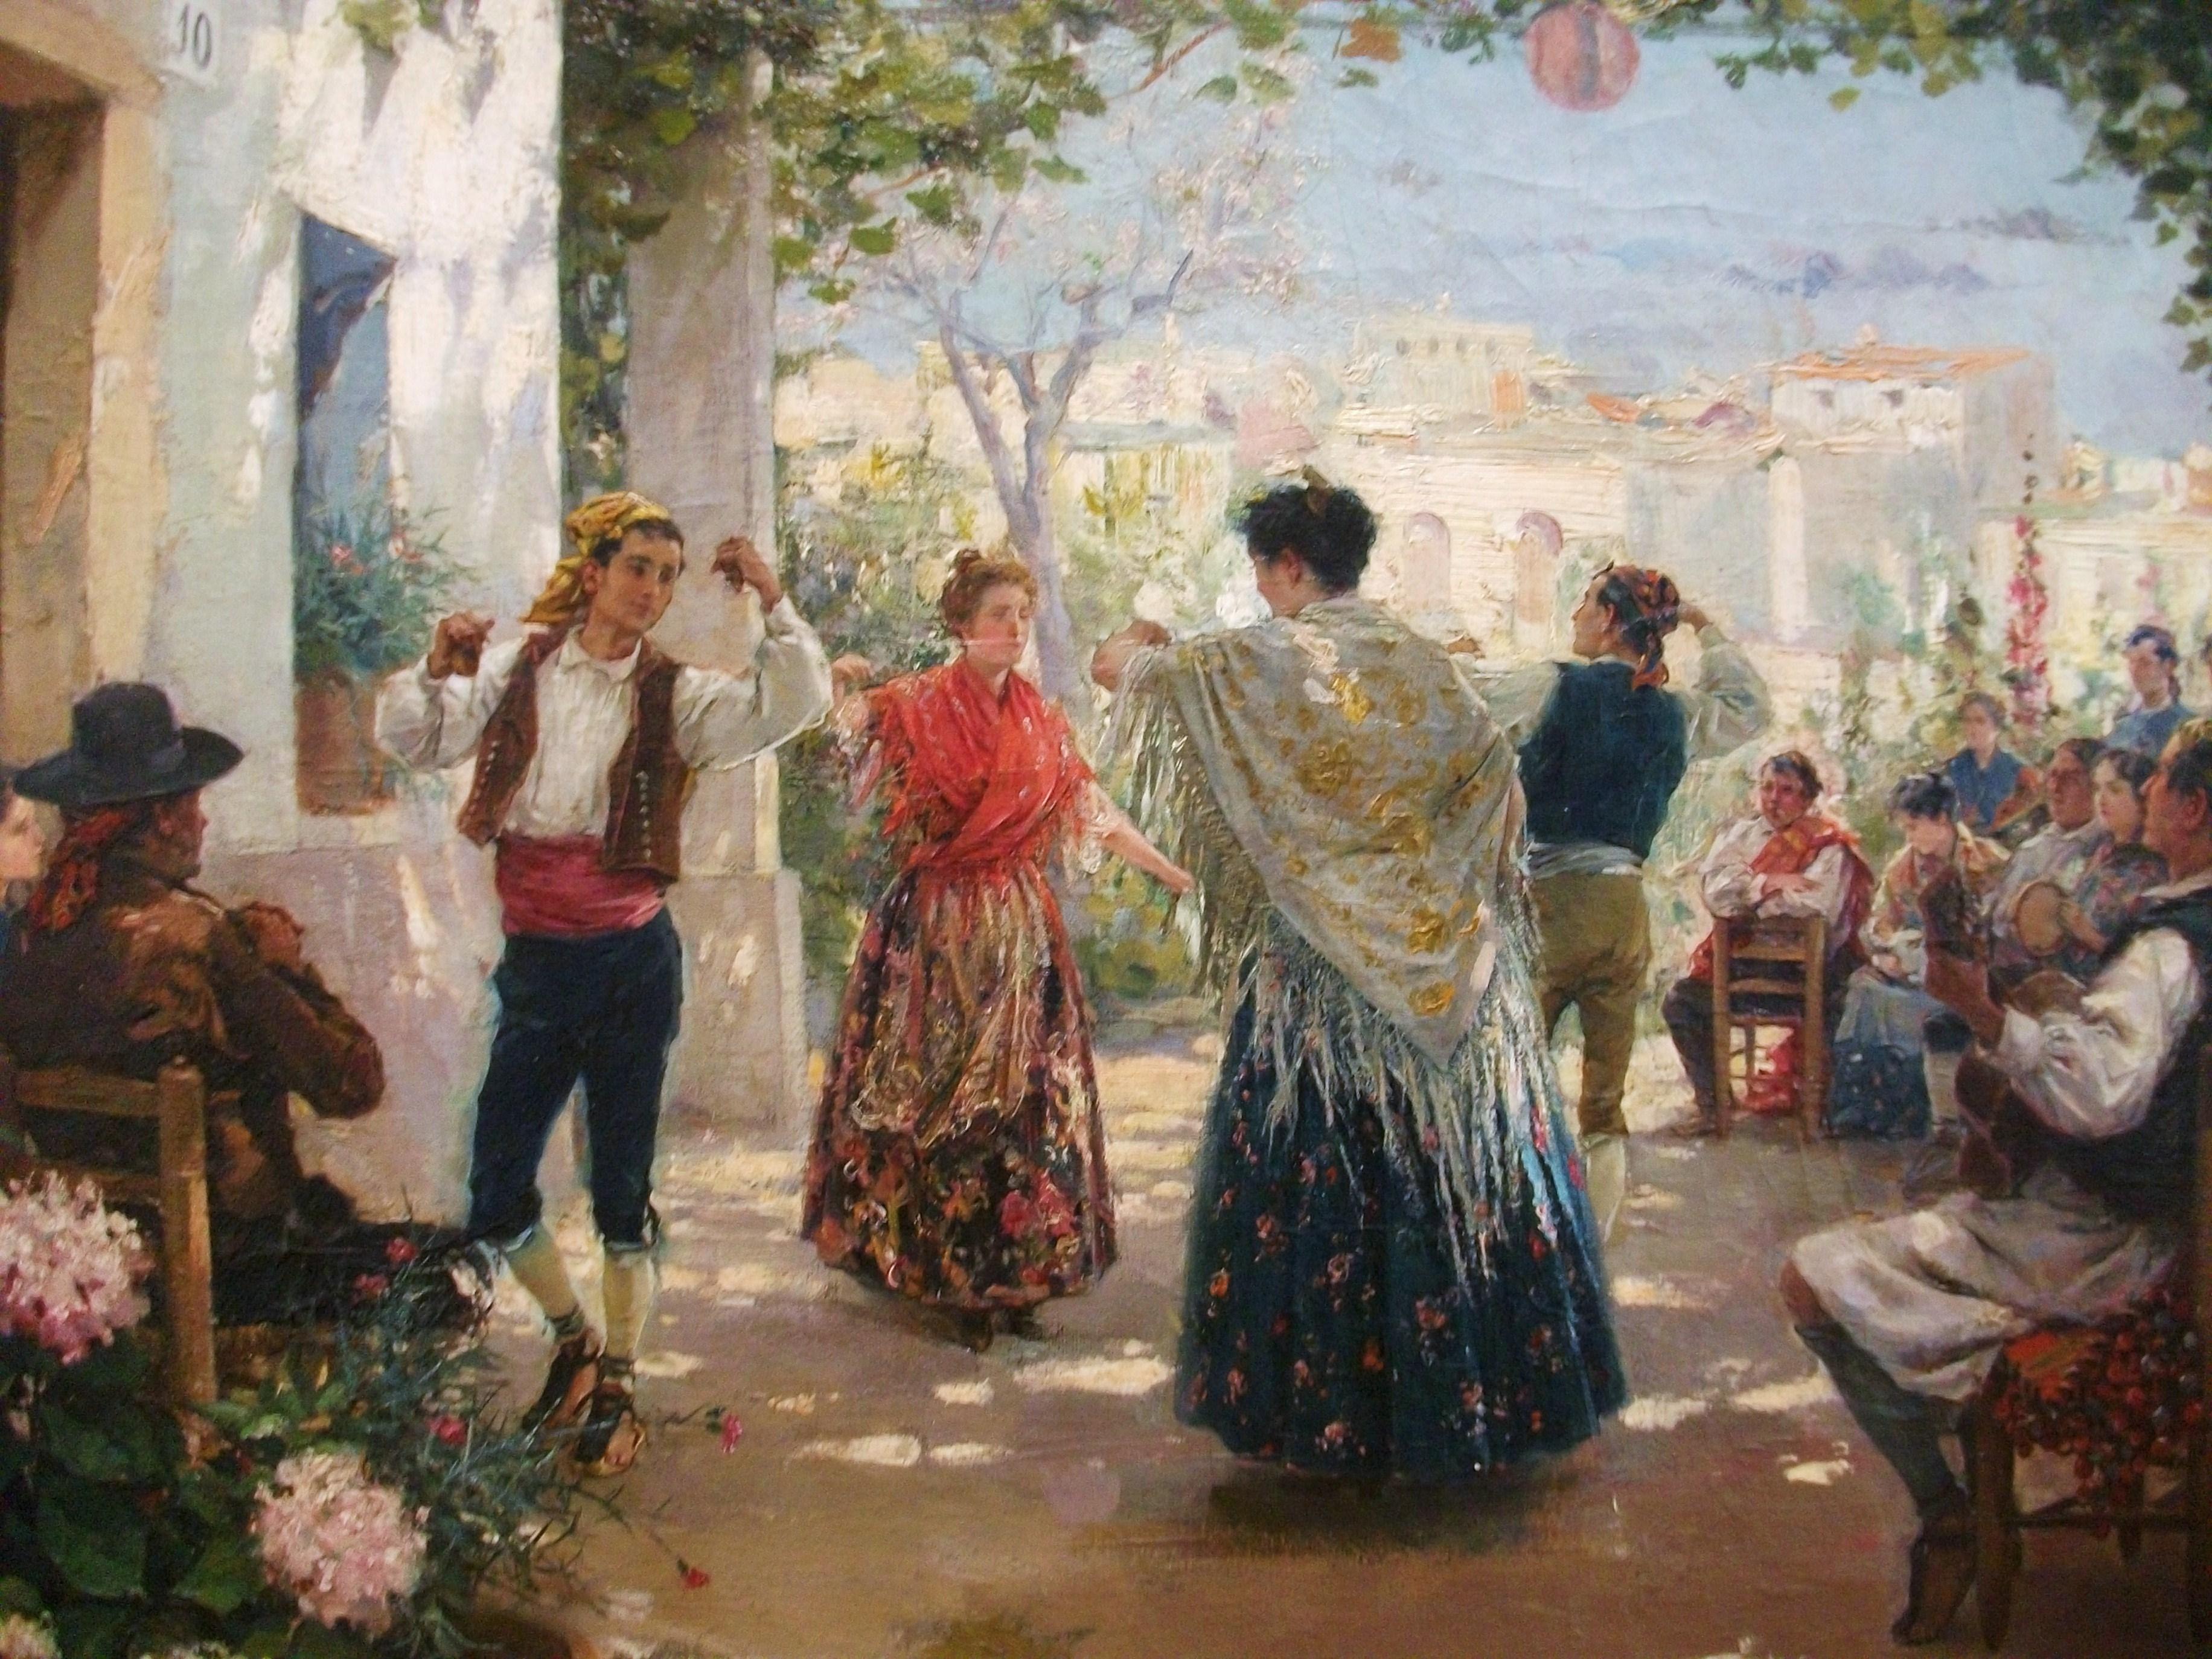 Jota_valenciana__1913___gabriel_puig_roda__museu_de_belles_arts_de_castell__small